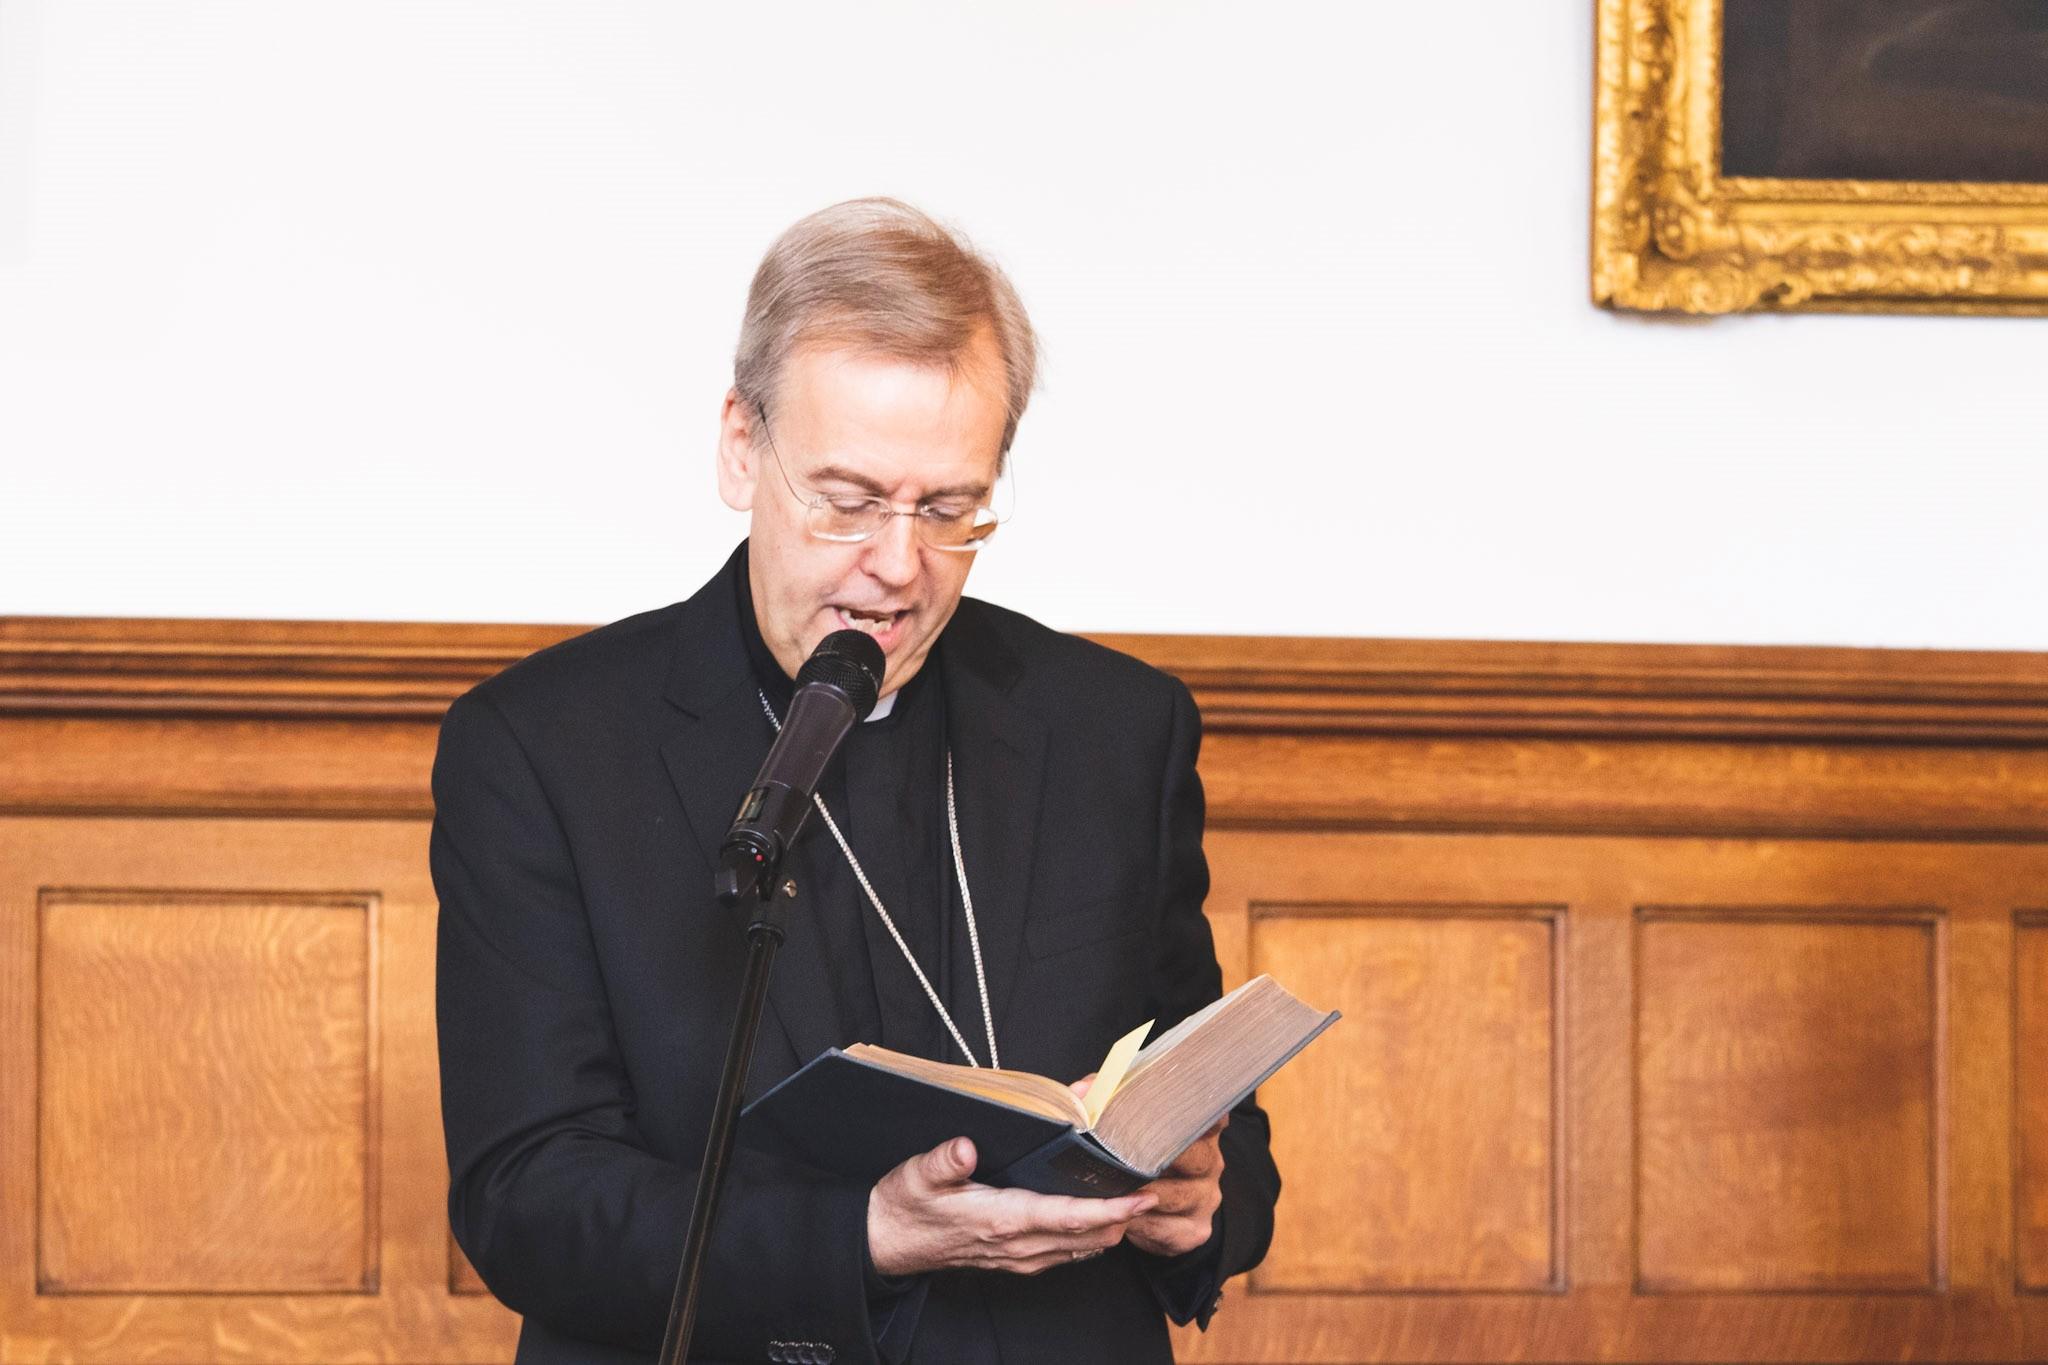 Bishop Nicholas Hudson